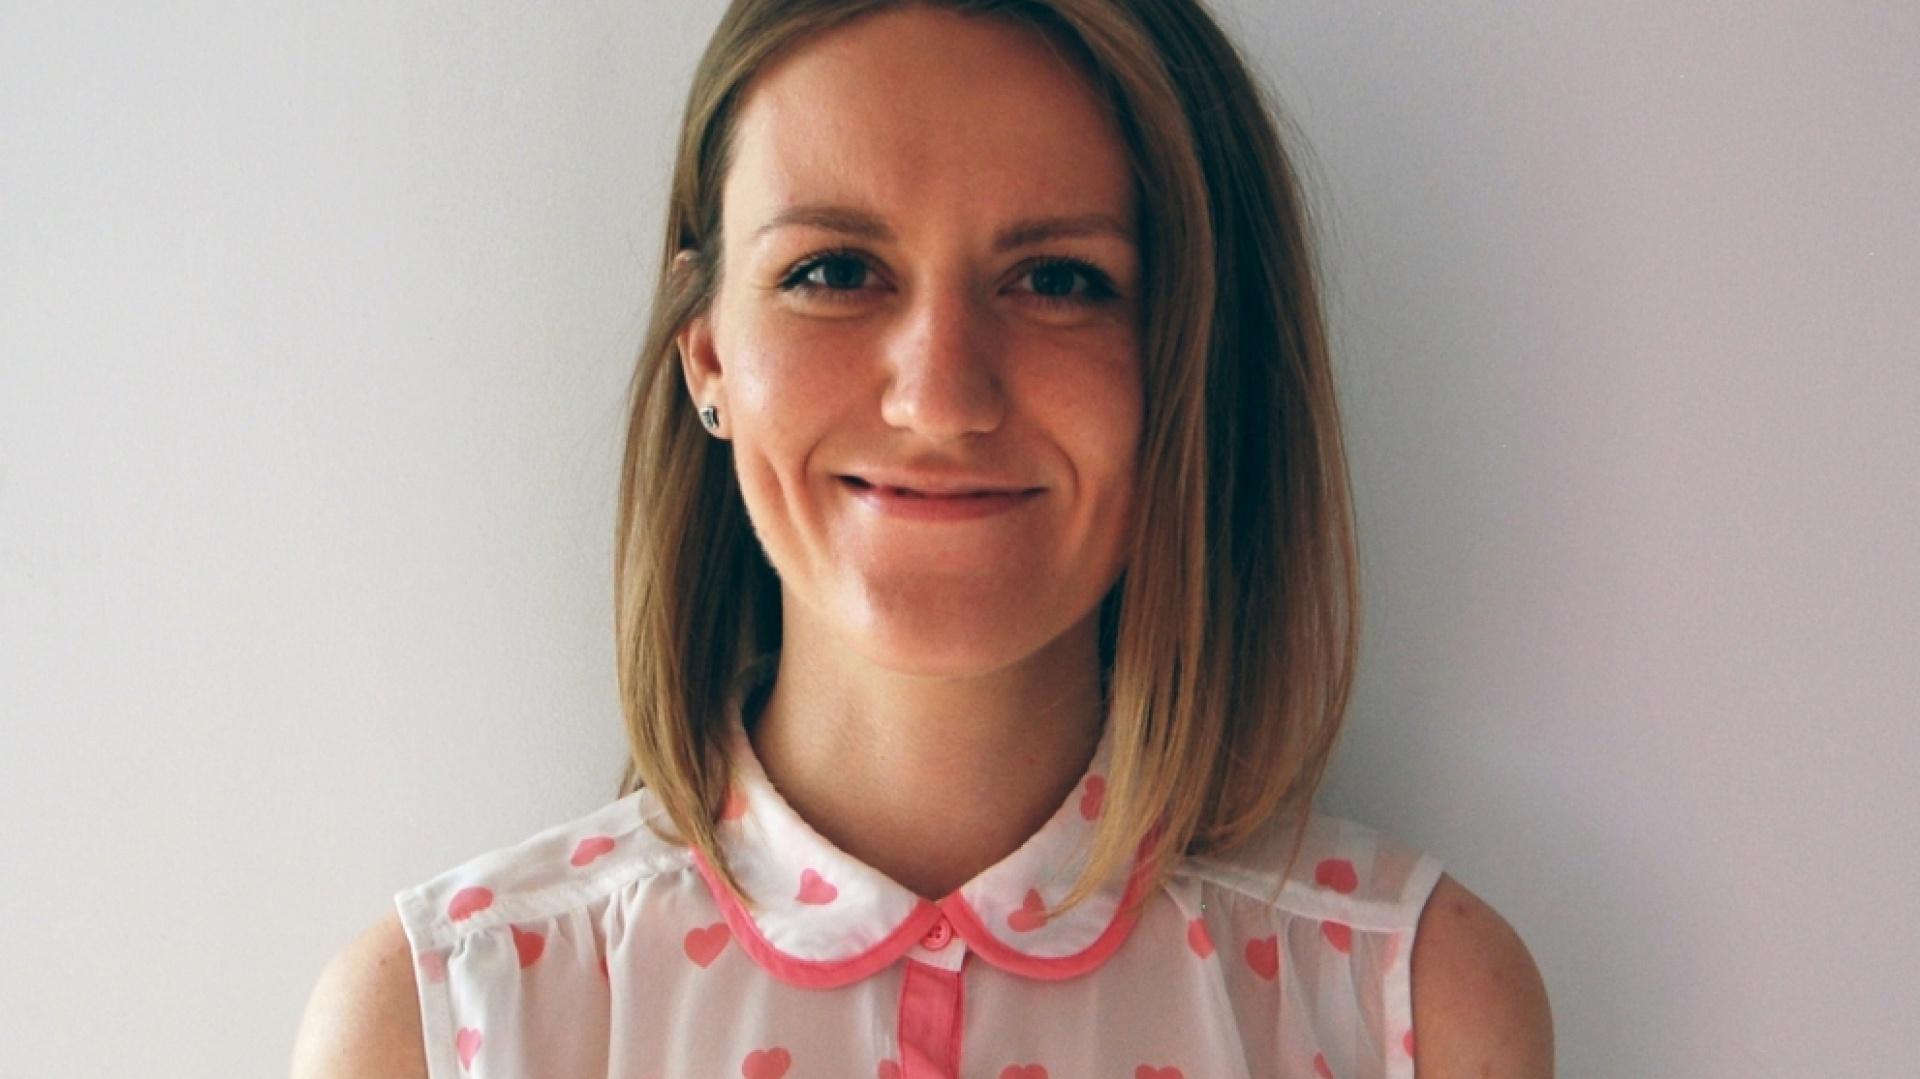 Ewelina Białobrzewska ze studia projektowego 4 kąty a stół 5. Fot. Archiwum projektantki